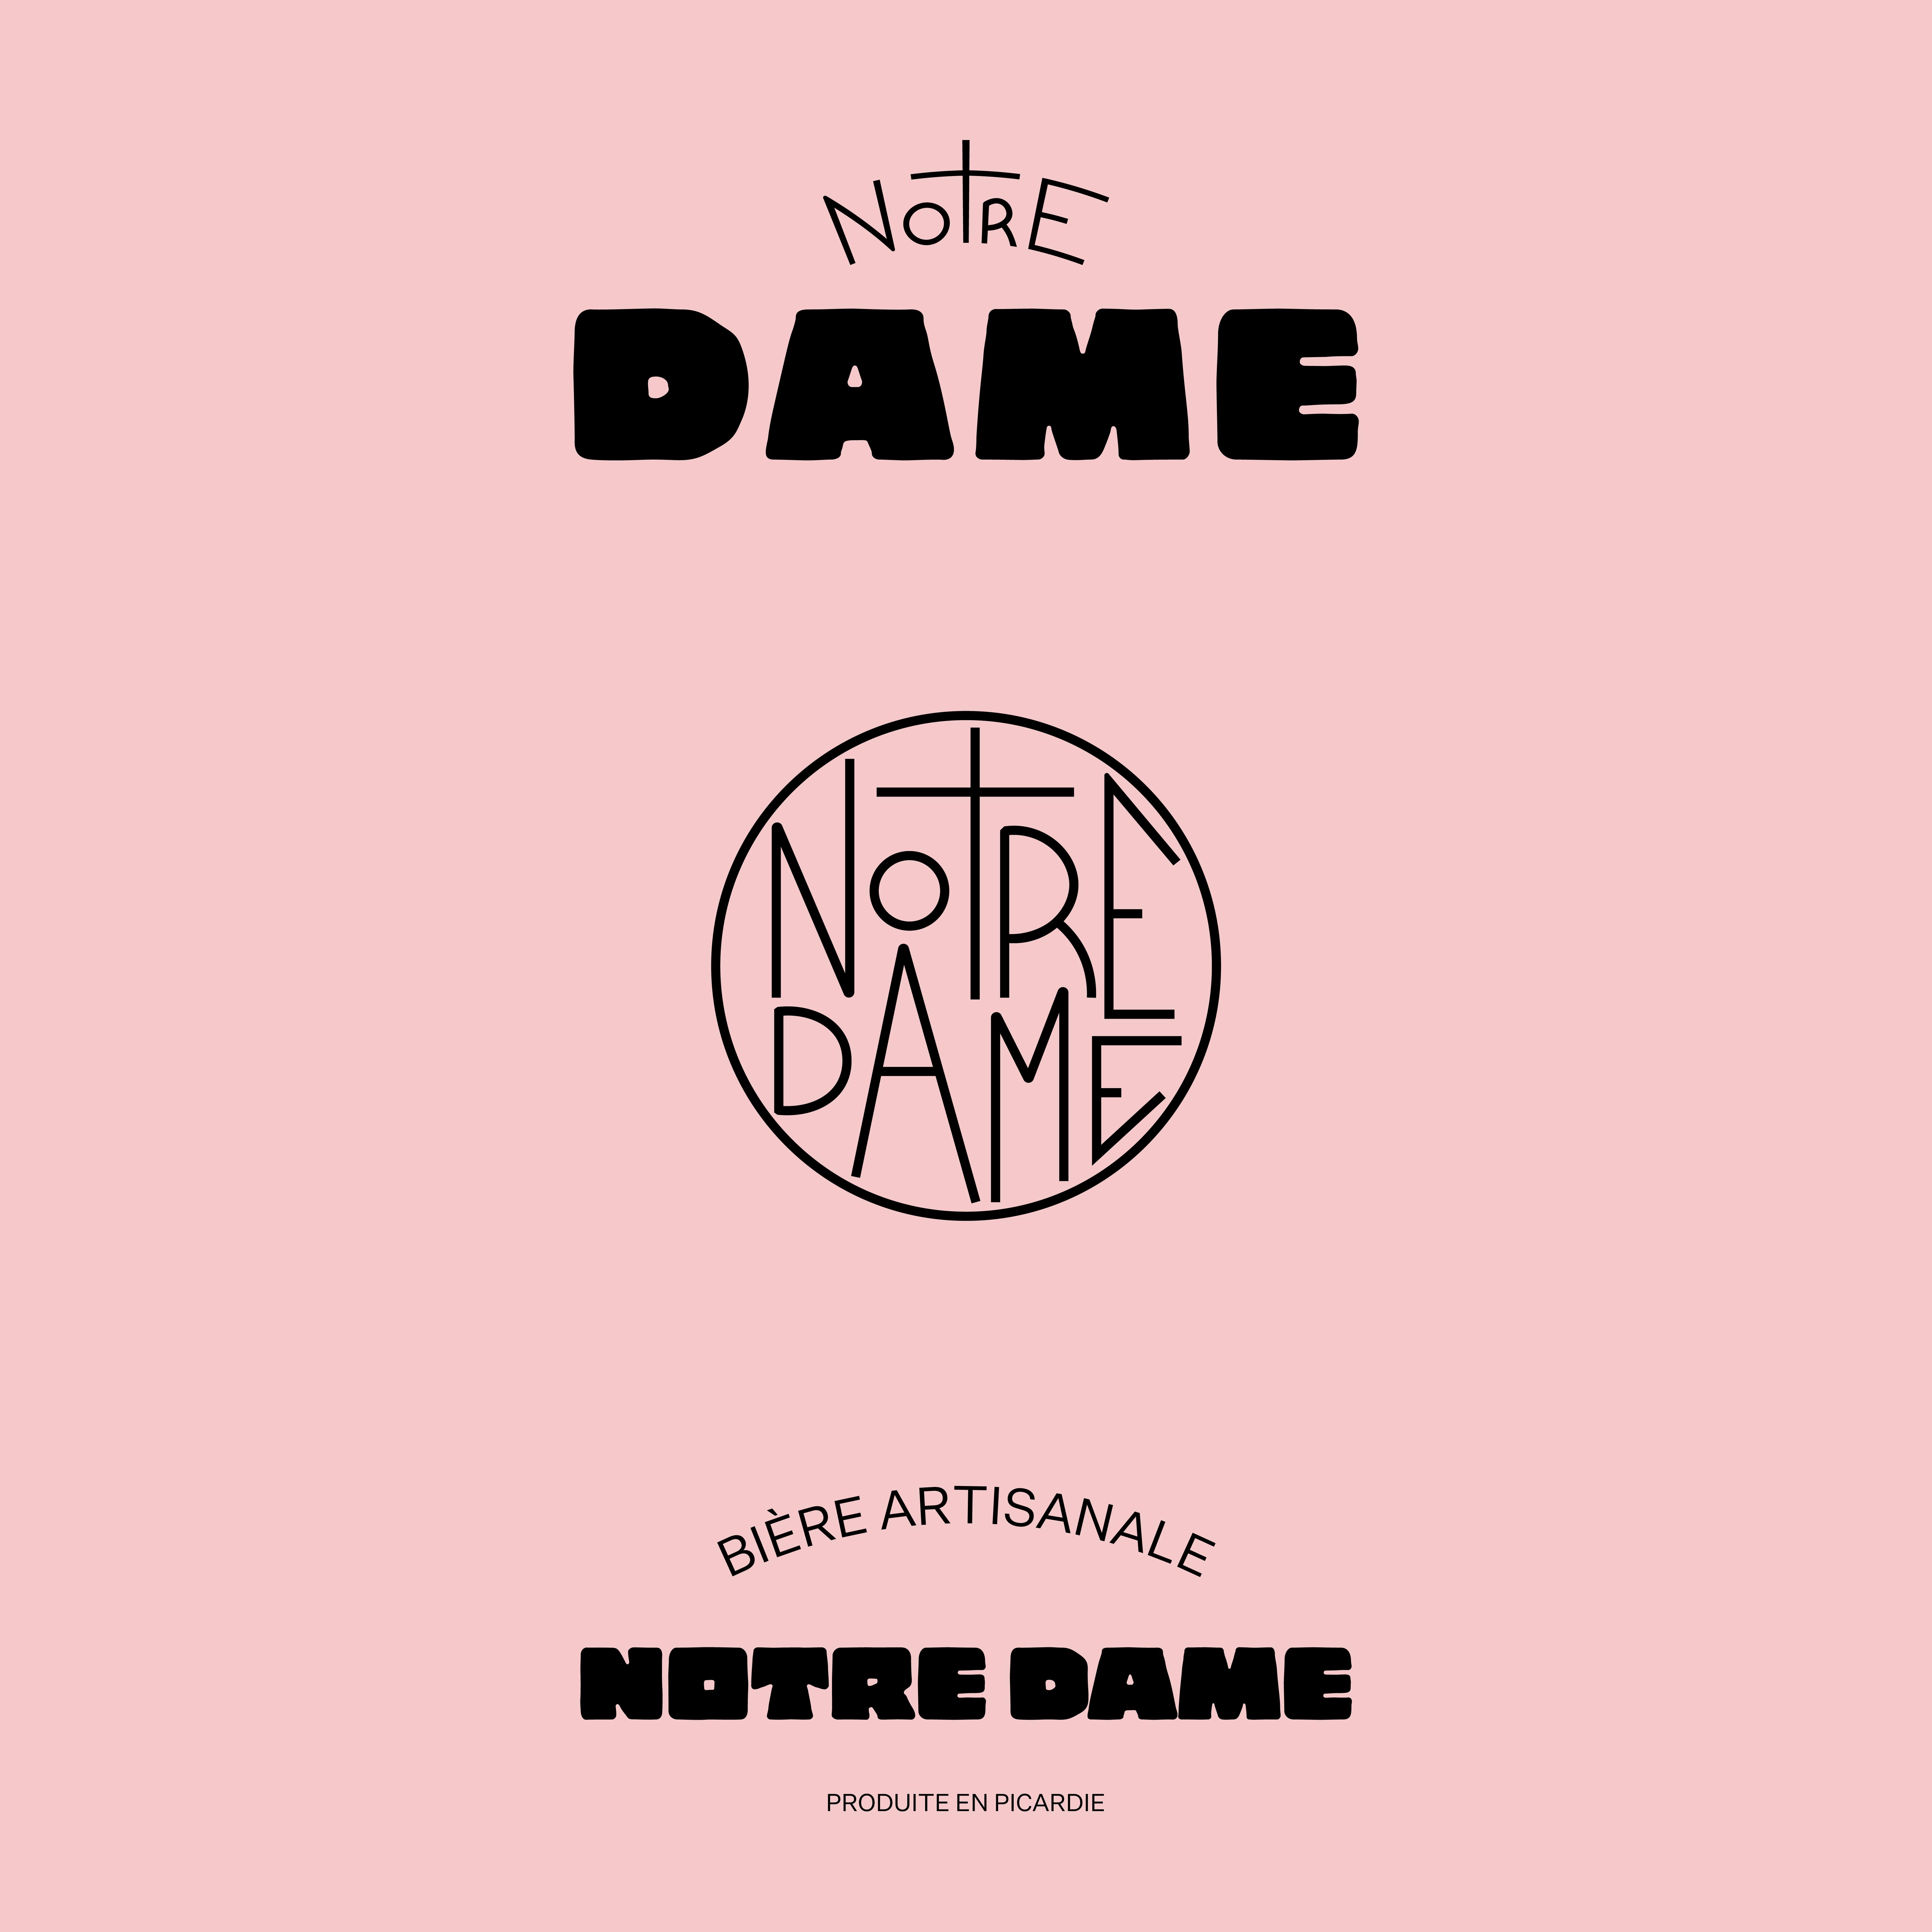 Logo de l'identité visuelle de la marque de bière artisanale Notre Dame